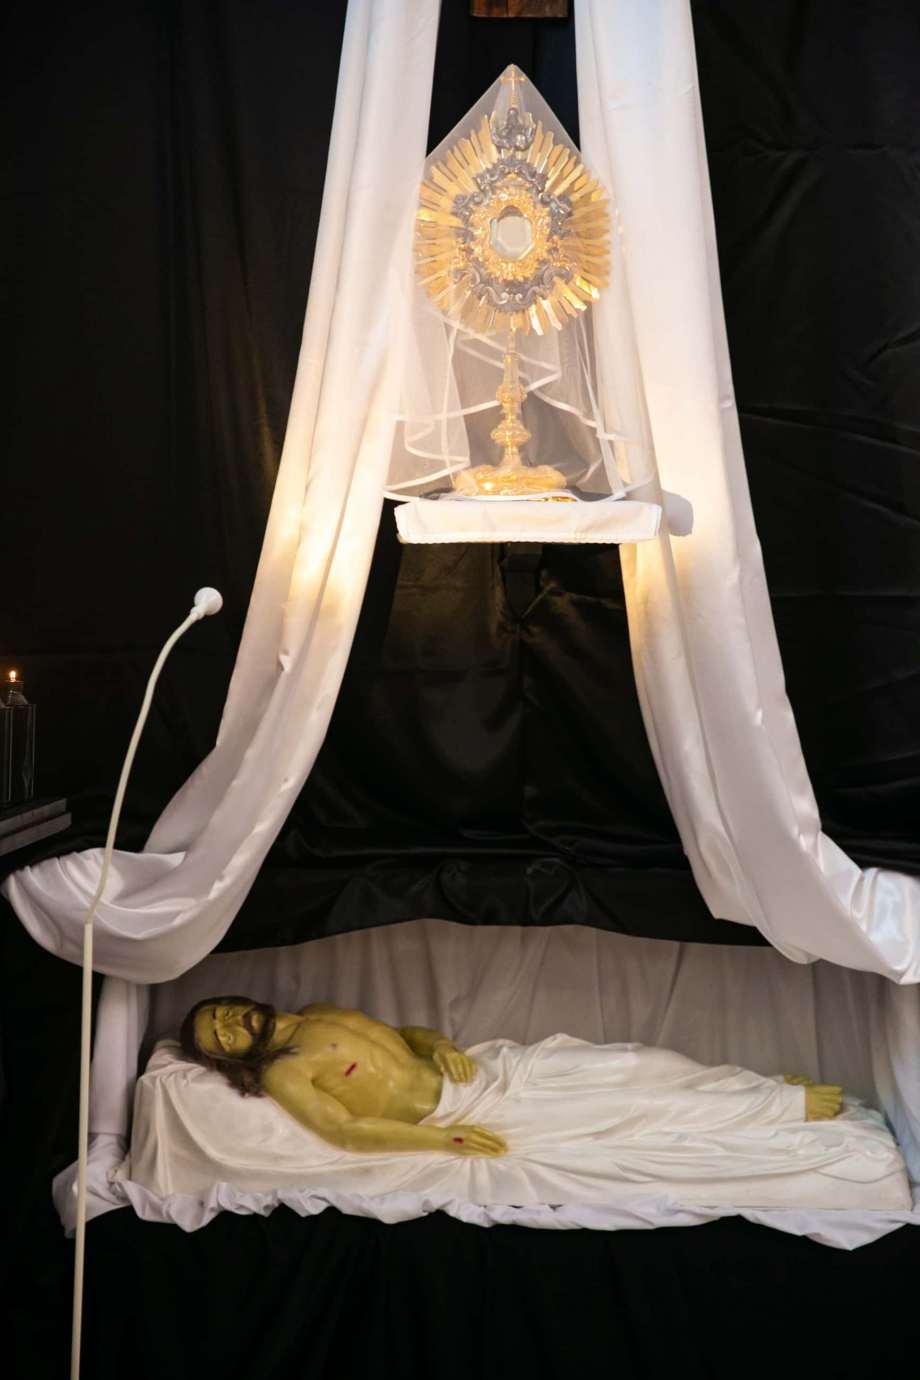 parafia pw swietego krzyza w zamosciu 10 Zdjęcia grobów pańskich w zamojskich świątyniach